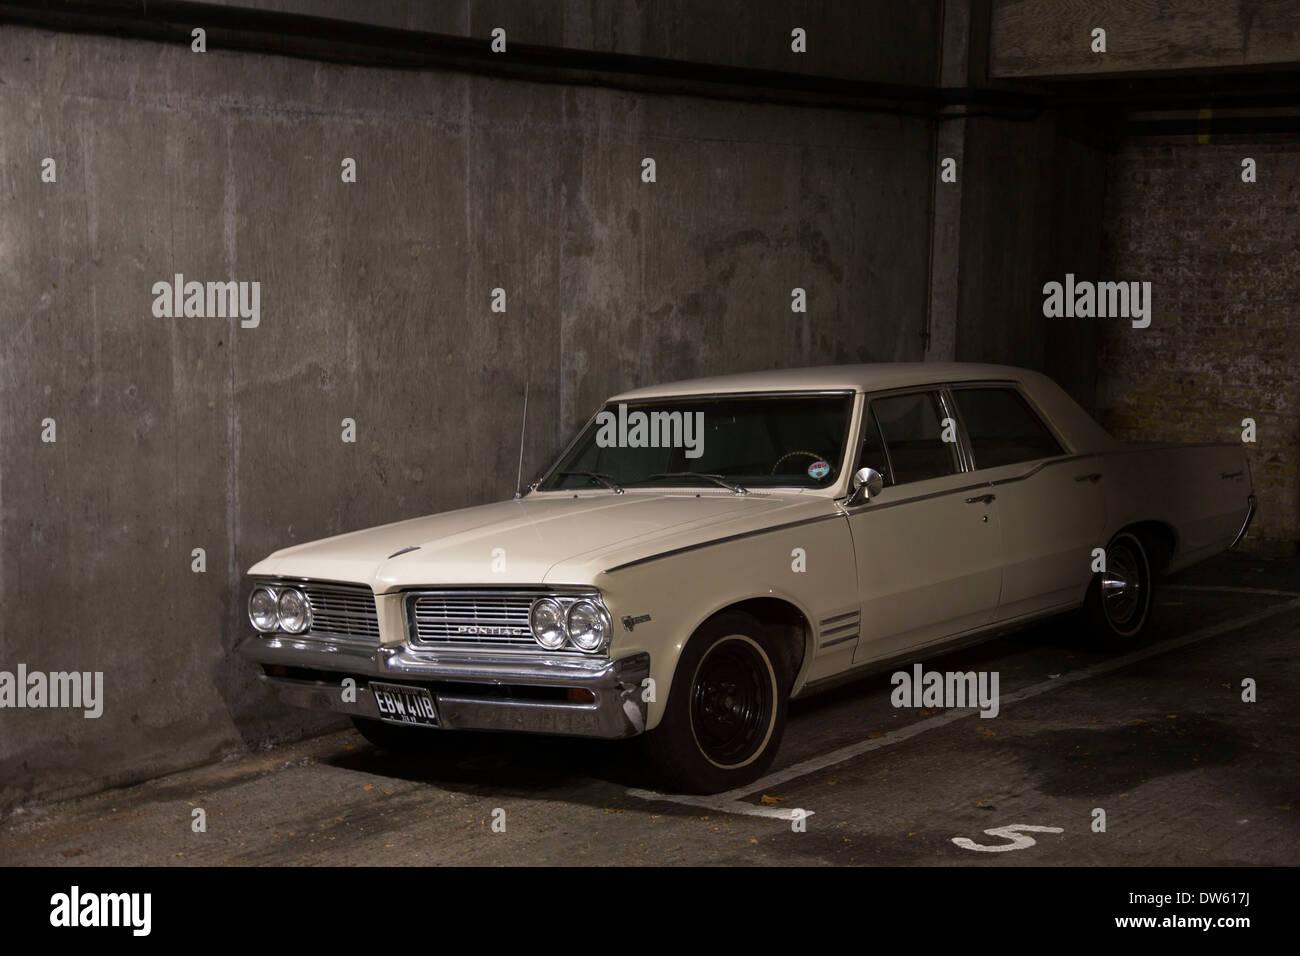 Vintage Pontiac V8 326 car in an underground garage. American ...